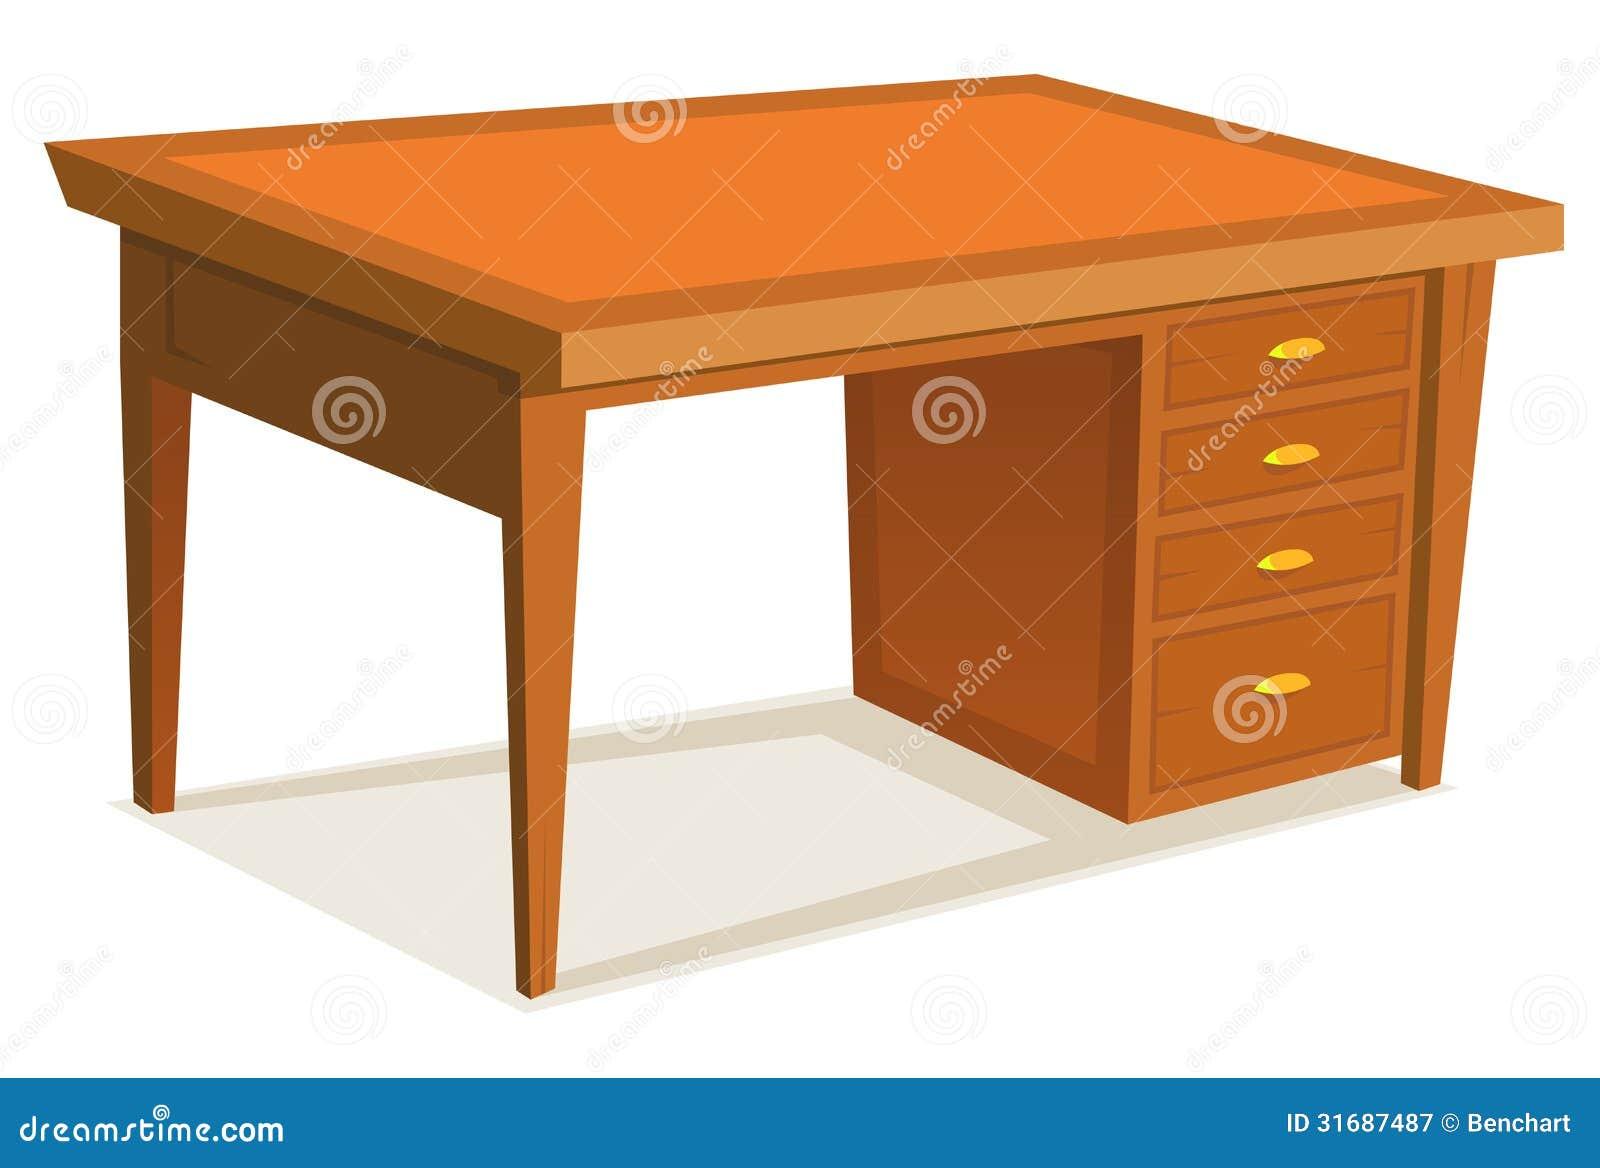 de madeira da mesa de escritório dos desenhos animados com gaveta #B49C17 1300x966